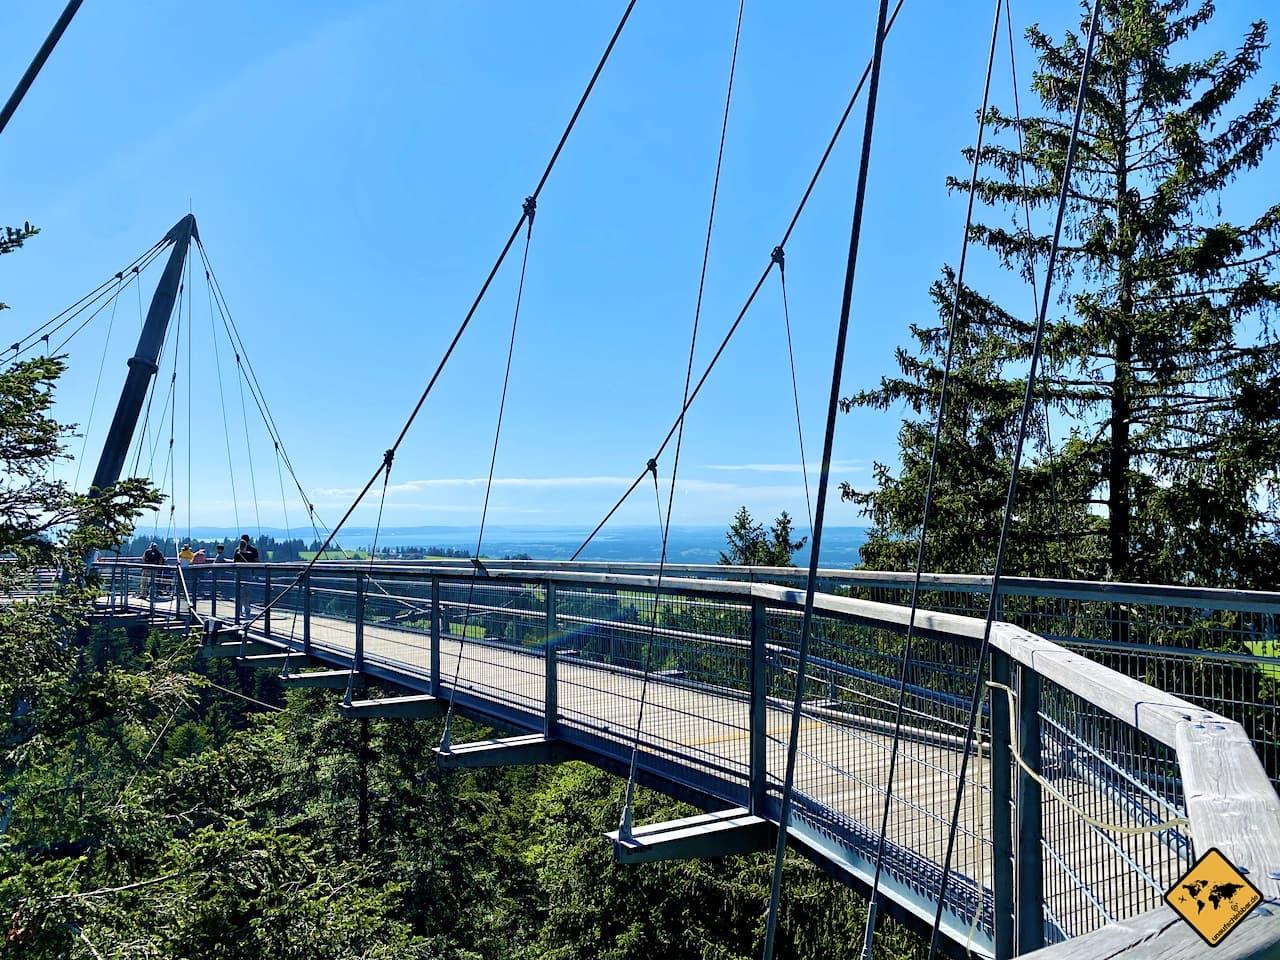 Perspektive Skywalk Allgäu Hängebrücke